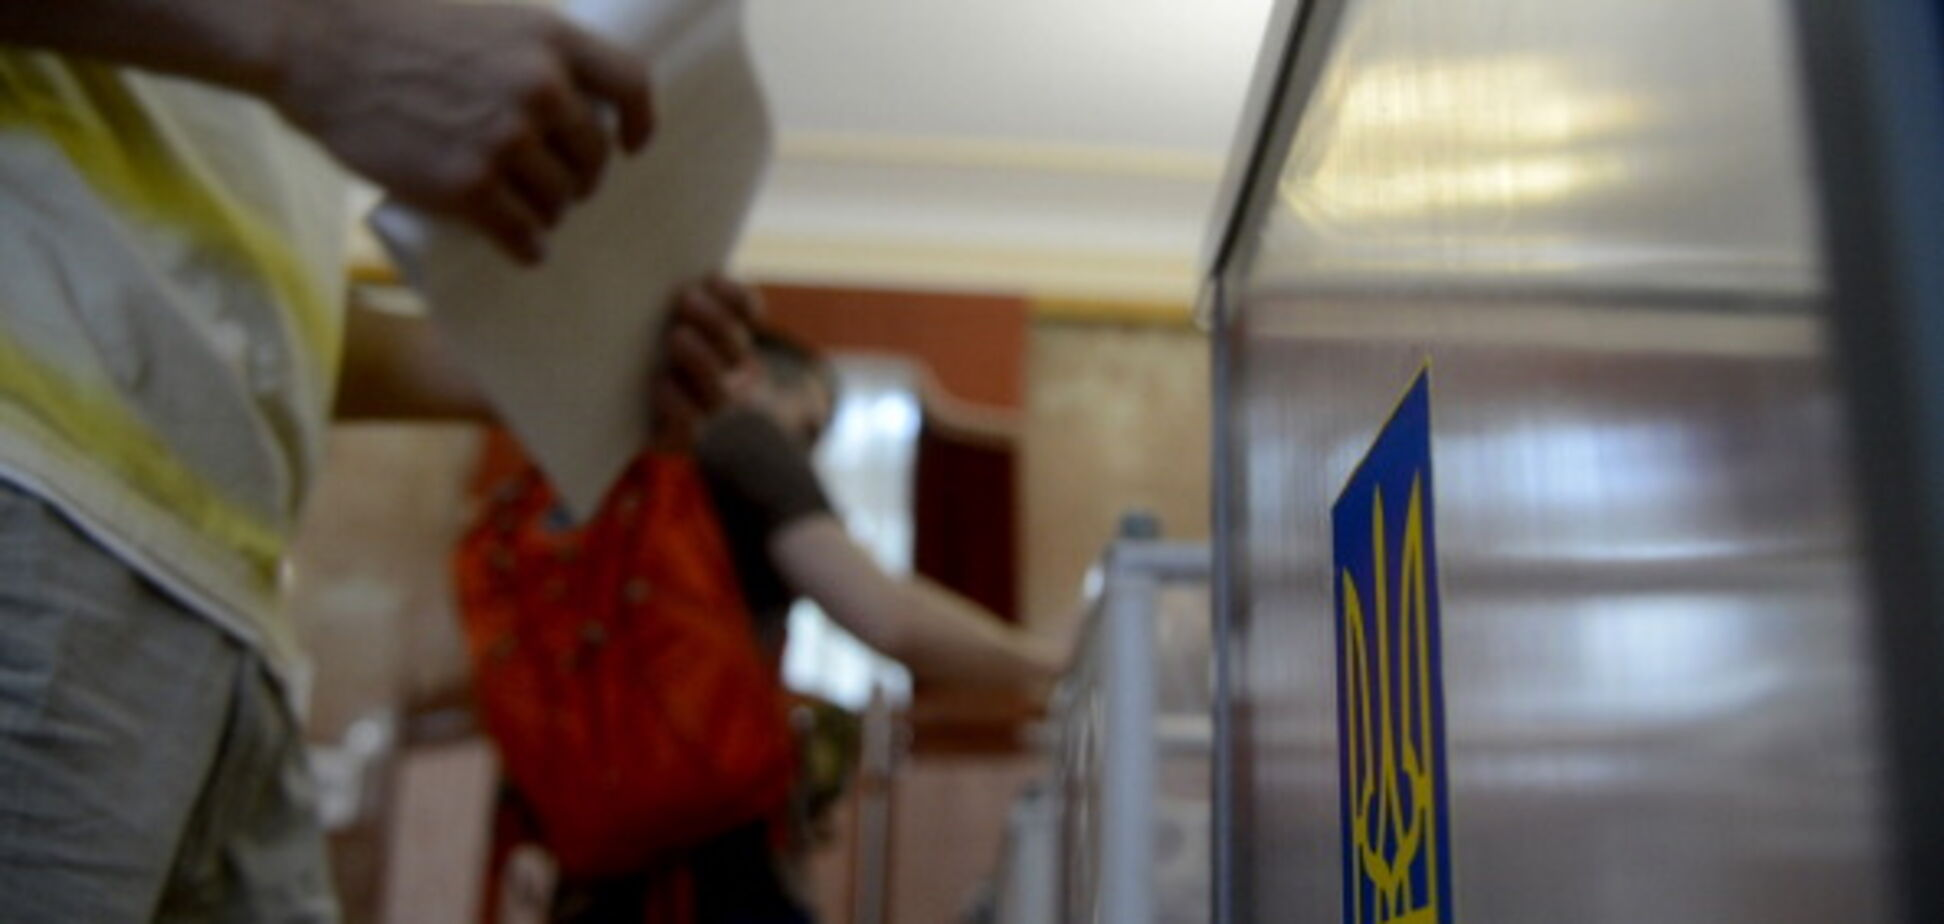 Тимошенко и Гриценко: украинцы назвали фаворитов президентских выборов